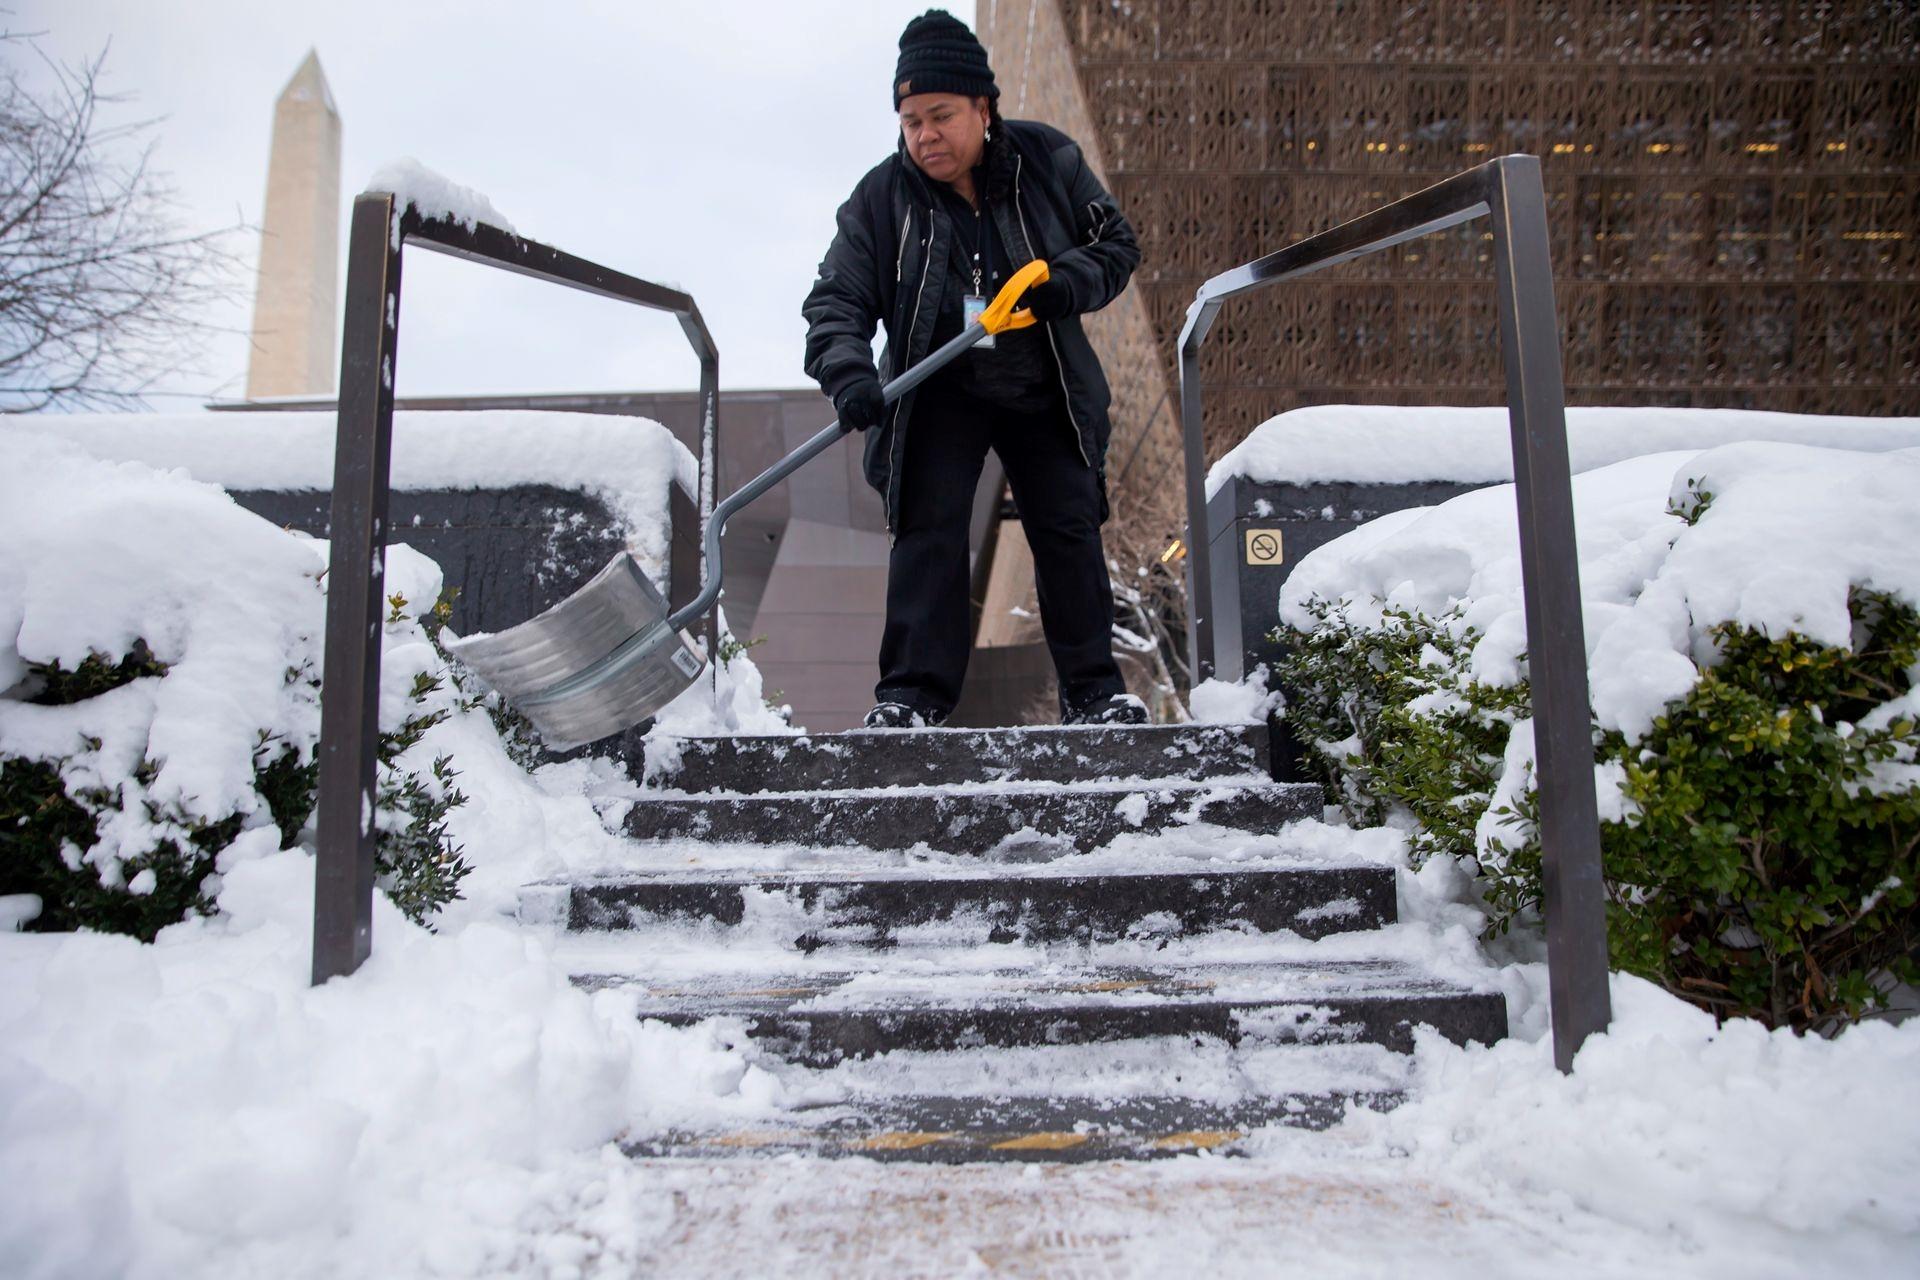 Mùa đông khắc nghiệt với tuyết rơi dày ở nhiều nơi trên thế giới Ảnh 20